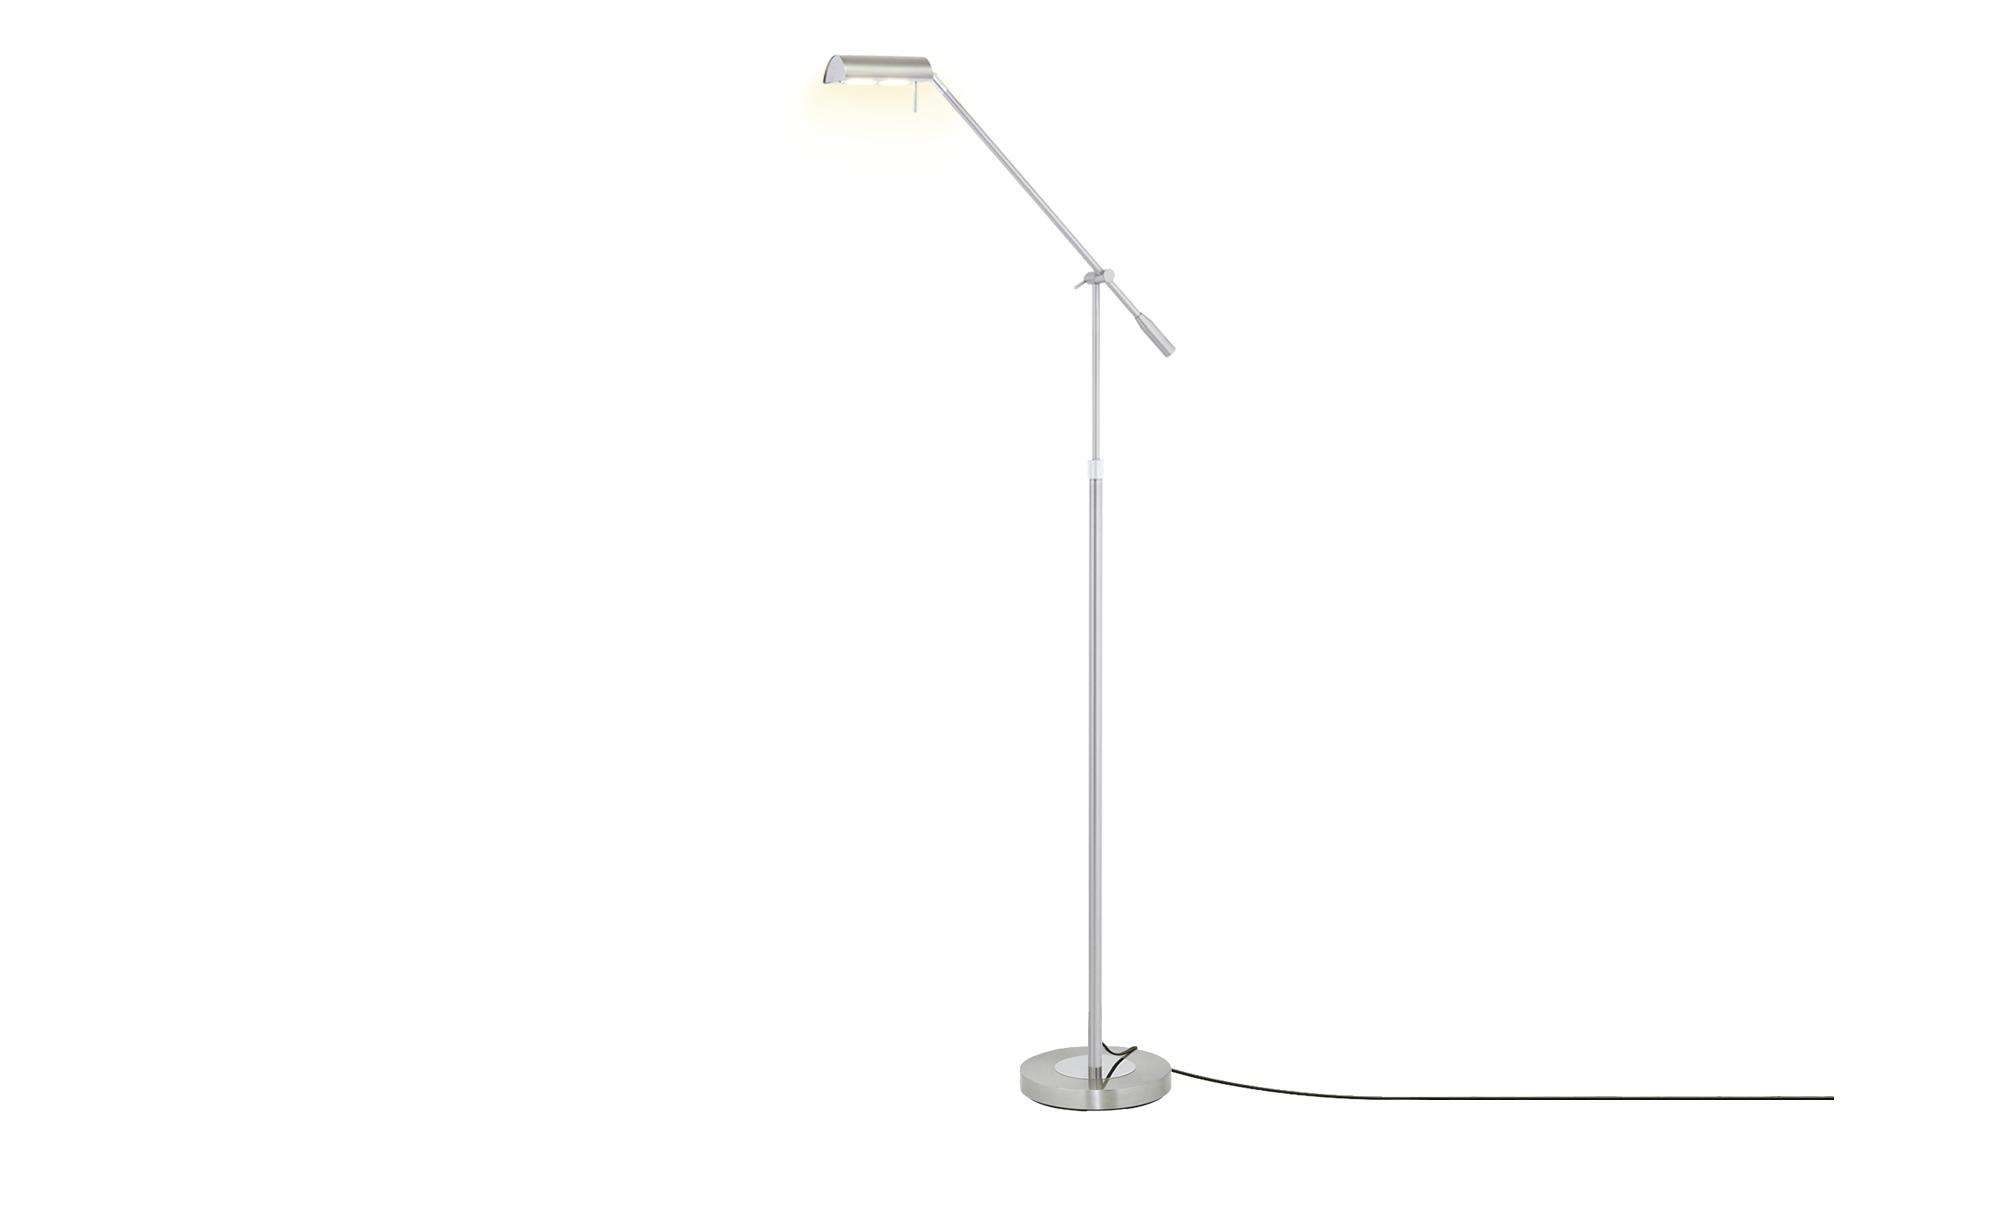 KHG LED-Stehleuchte, 1-flammig nickel matt ¦ silber ¦ Maße (cm): B: 22 H: 125 Lampen & Leuchten > Innenleuchten > Stehlampen - Höffner